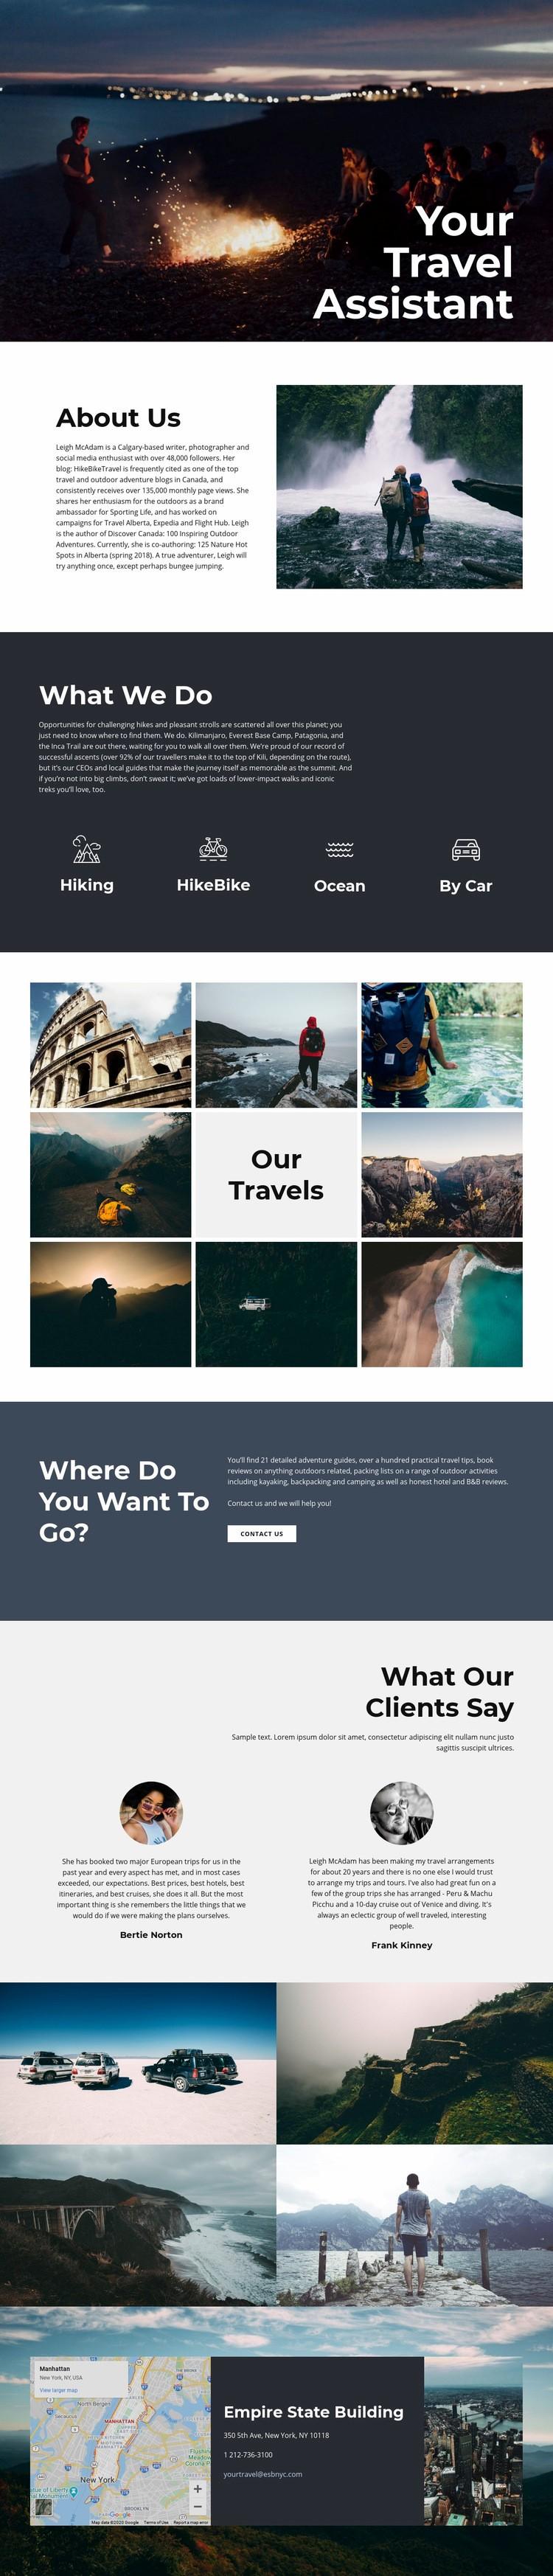 Travel Assistant Wysiwyg Editor Html